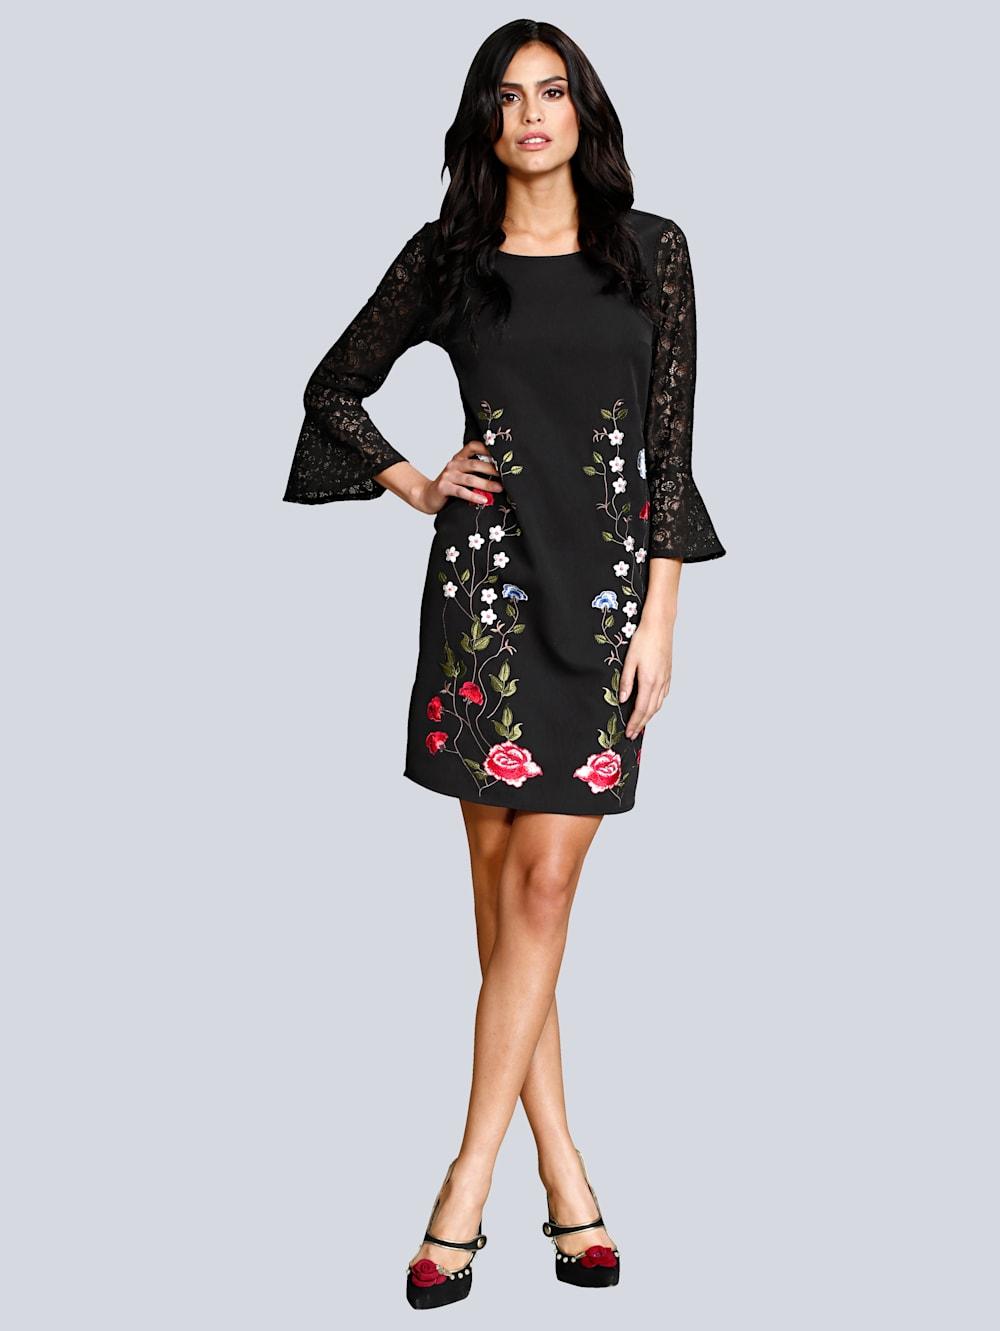 Alba Moda Kleid mit filigraner Blumen-Stickerei | Wenz